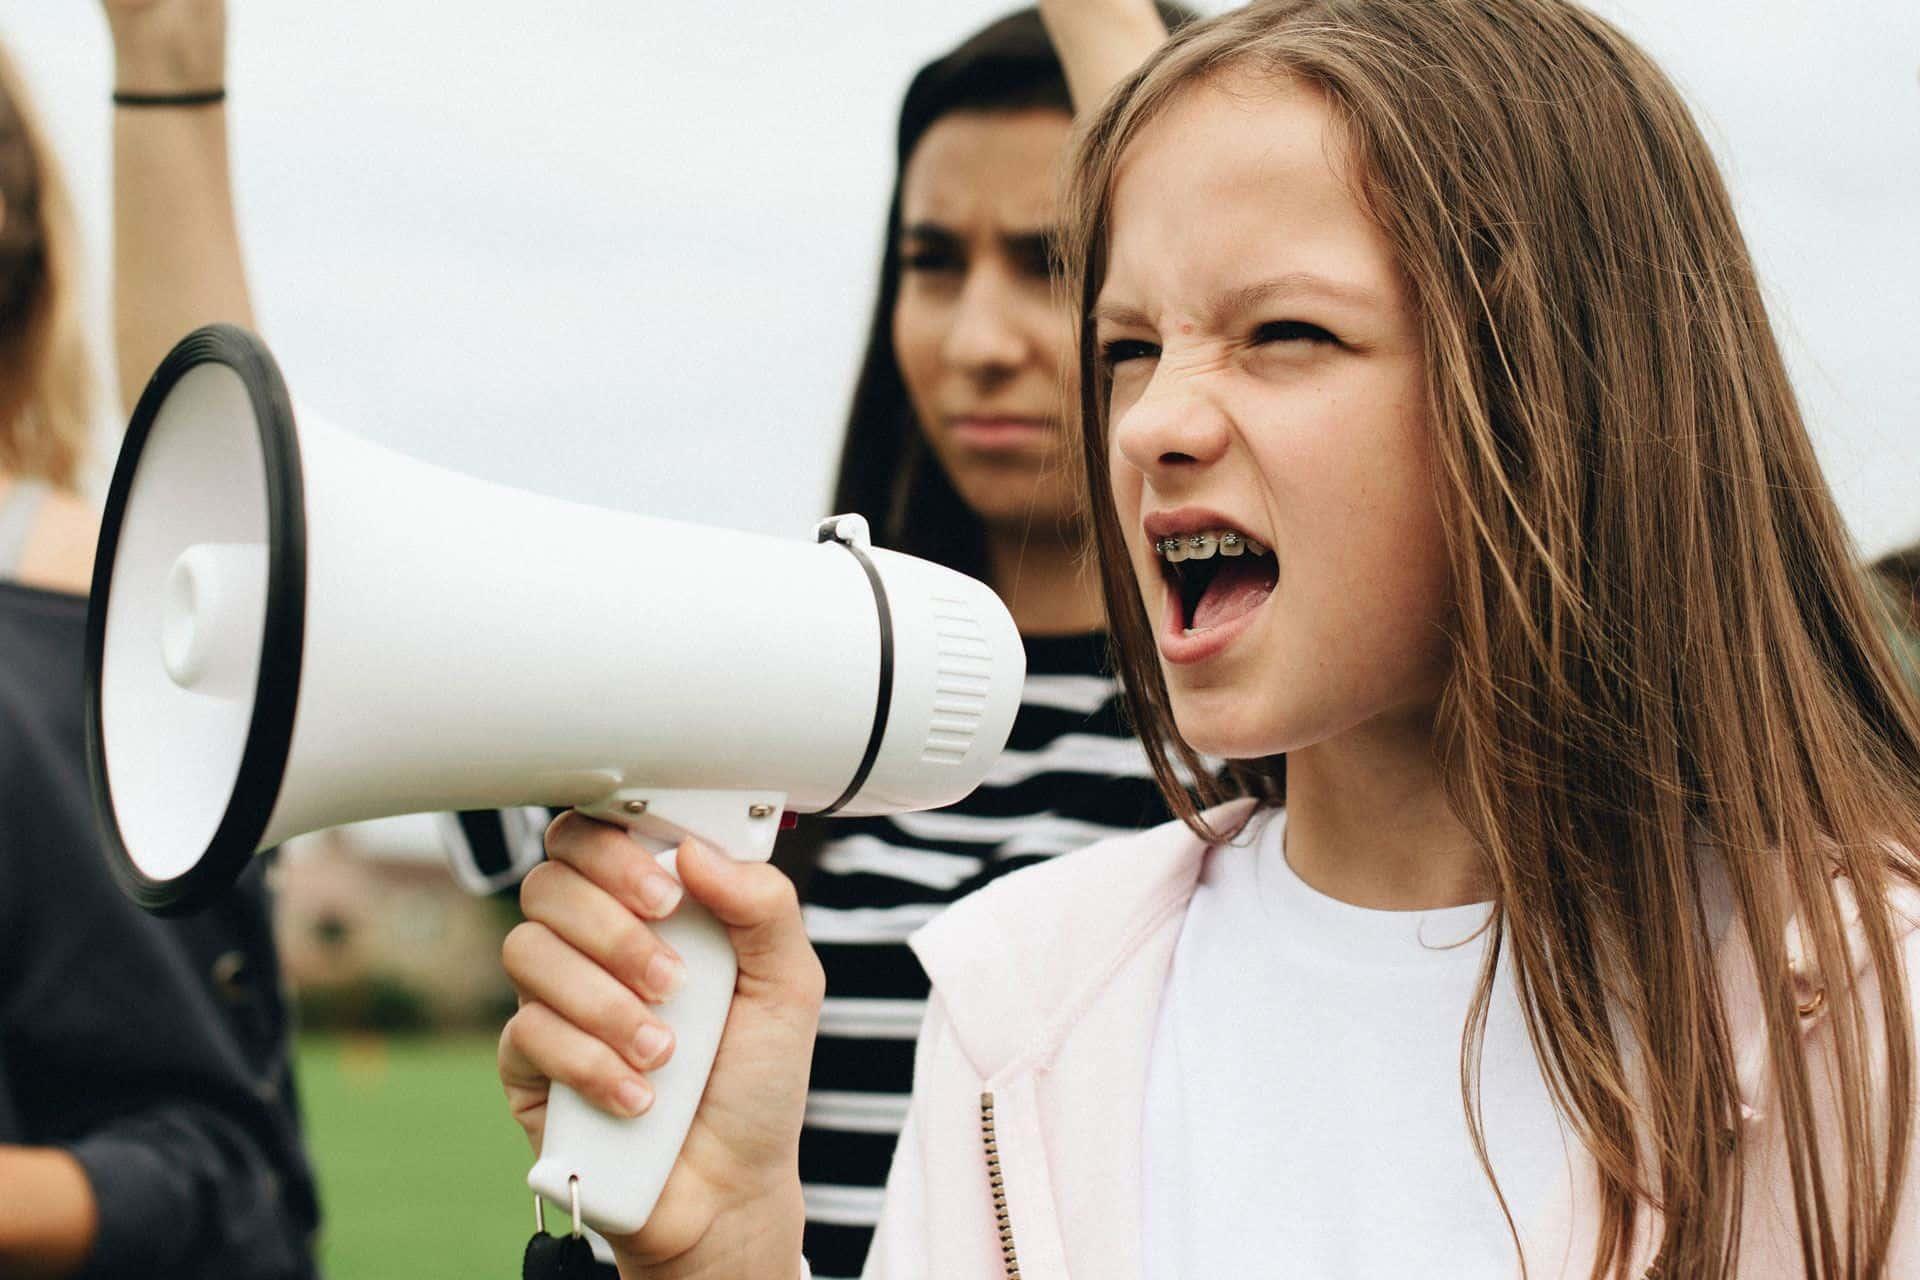 Ein junges Mädchen protestiert